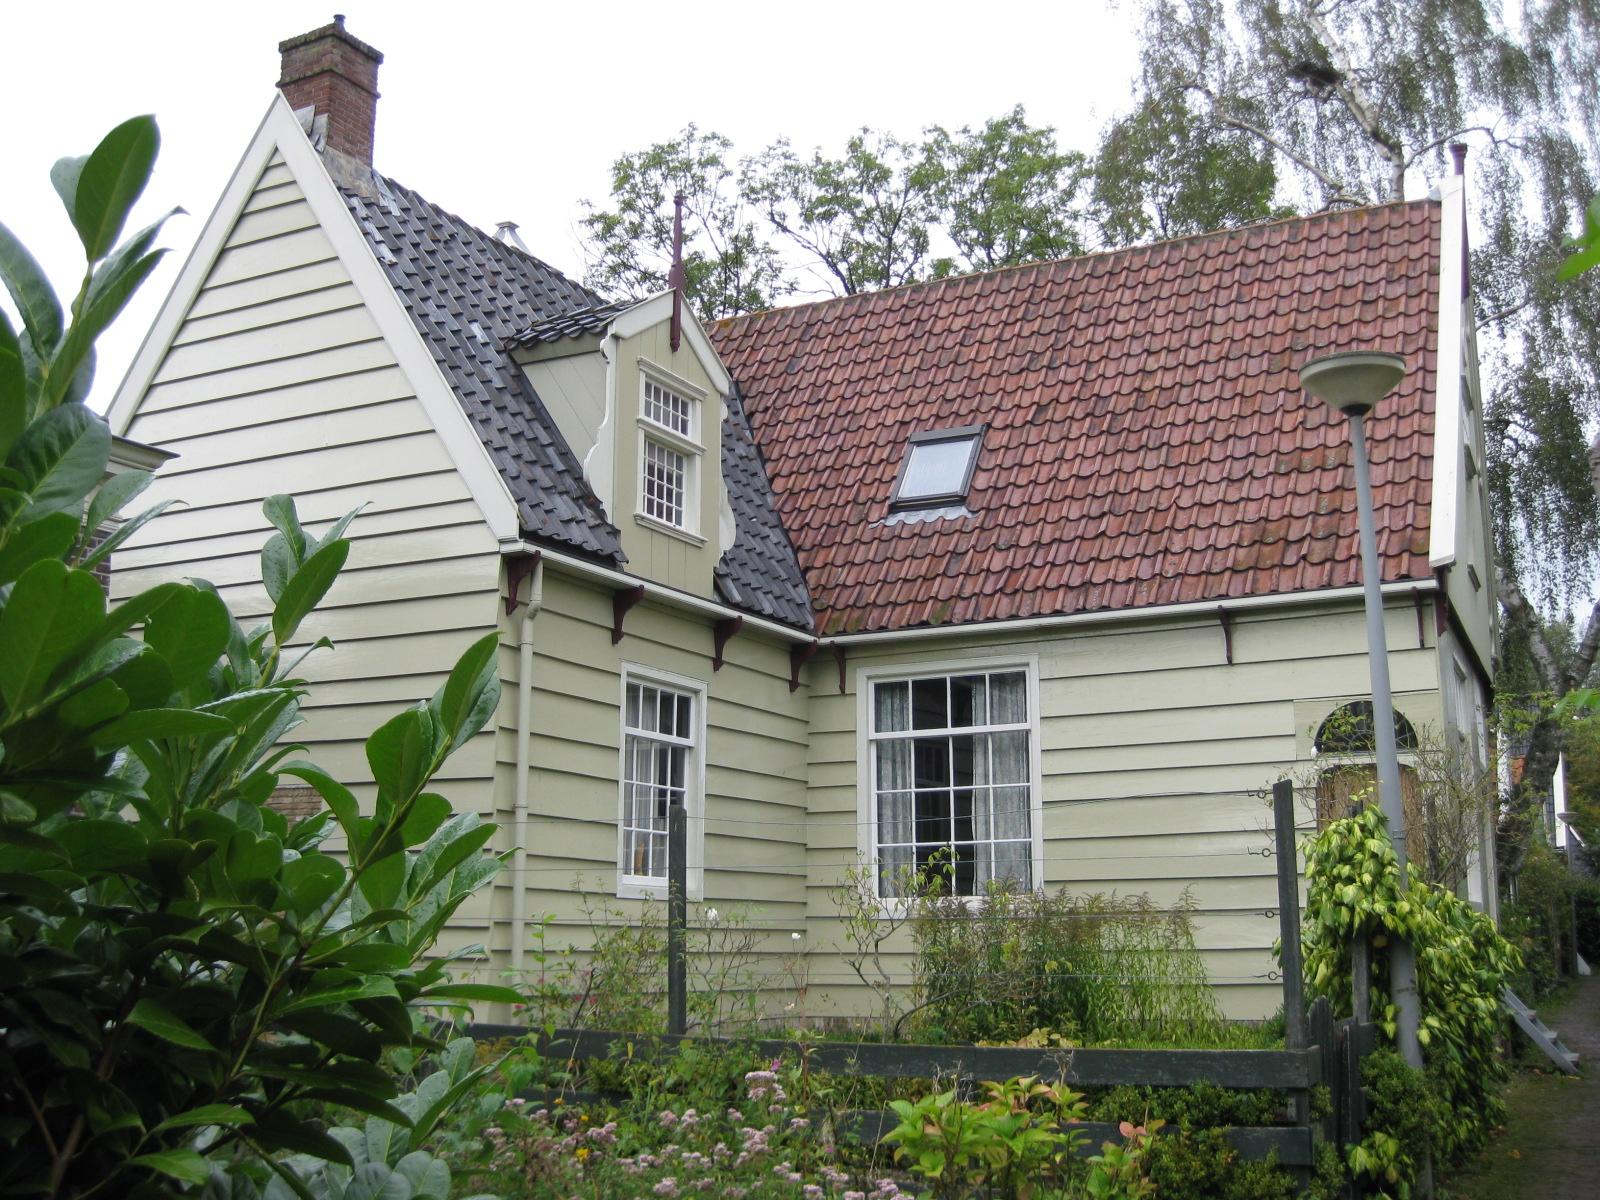 Houten huis van l vormige plattegrond met zeldzame latere stenen aanbouw in amsterdam monument - Houten huis ...